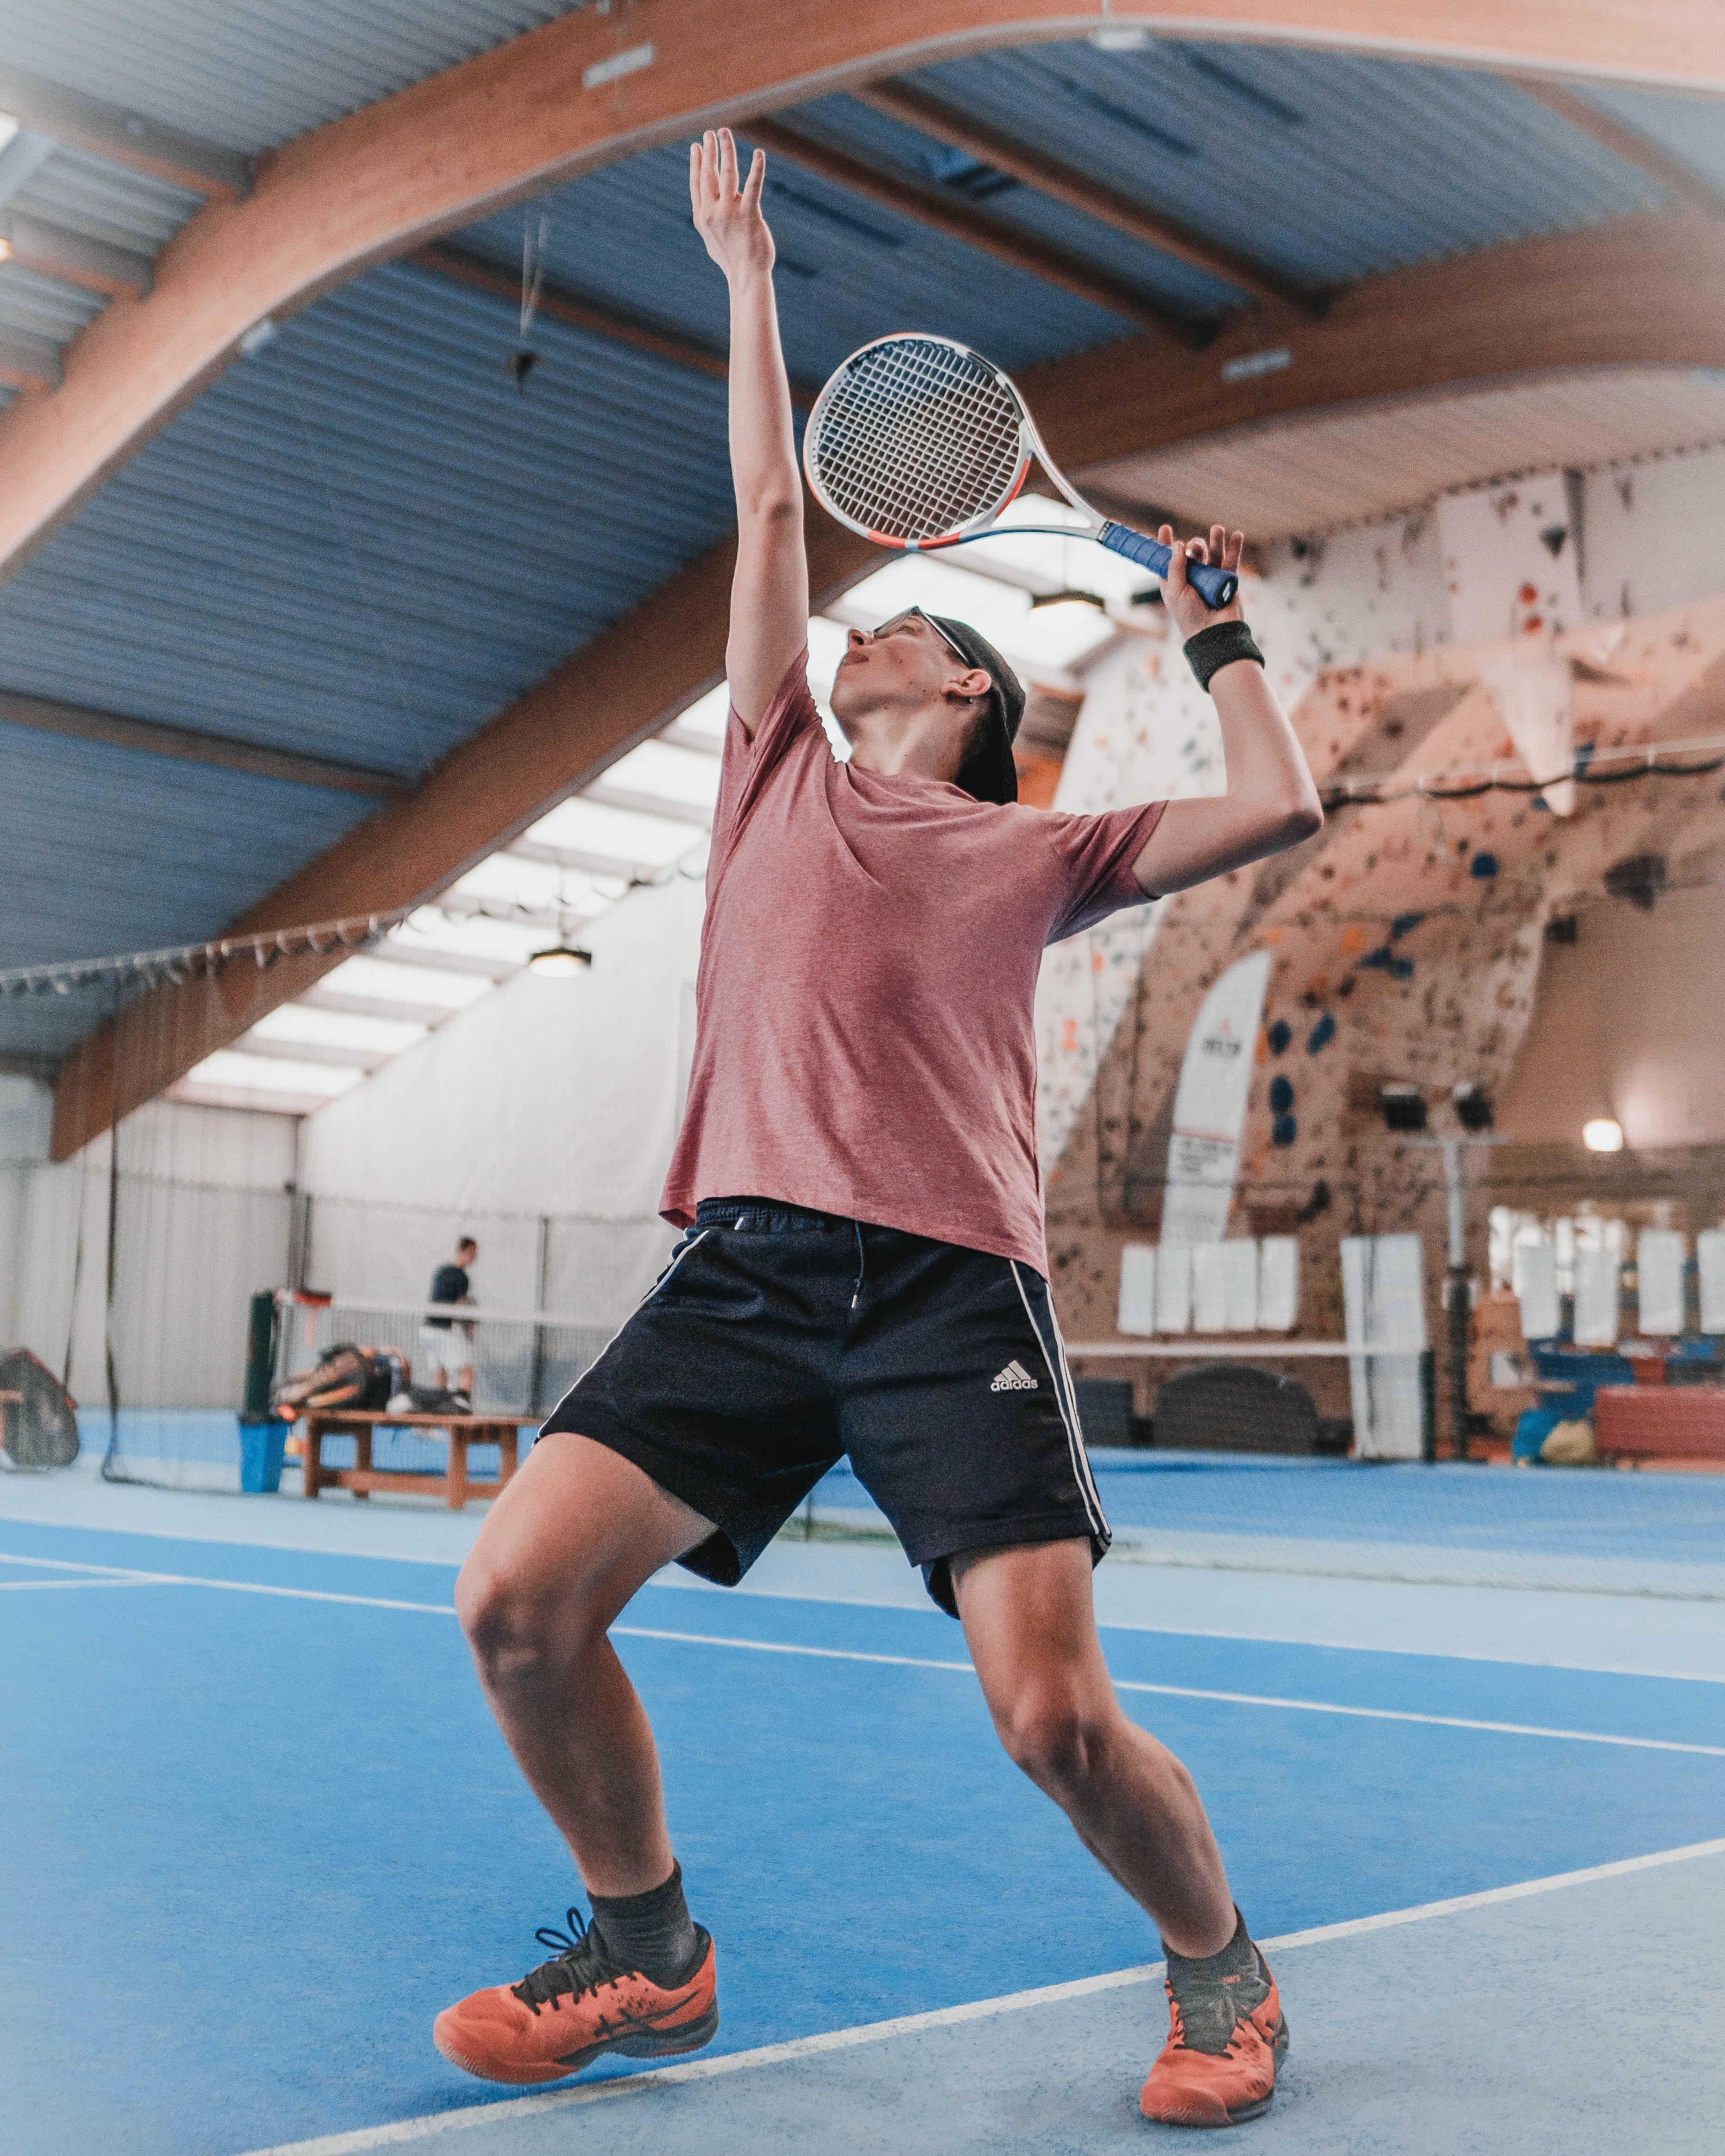 man hitting a tennis ball with a racquet